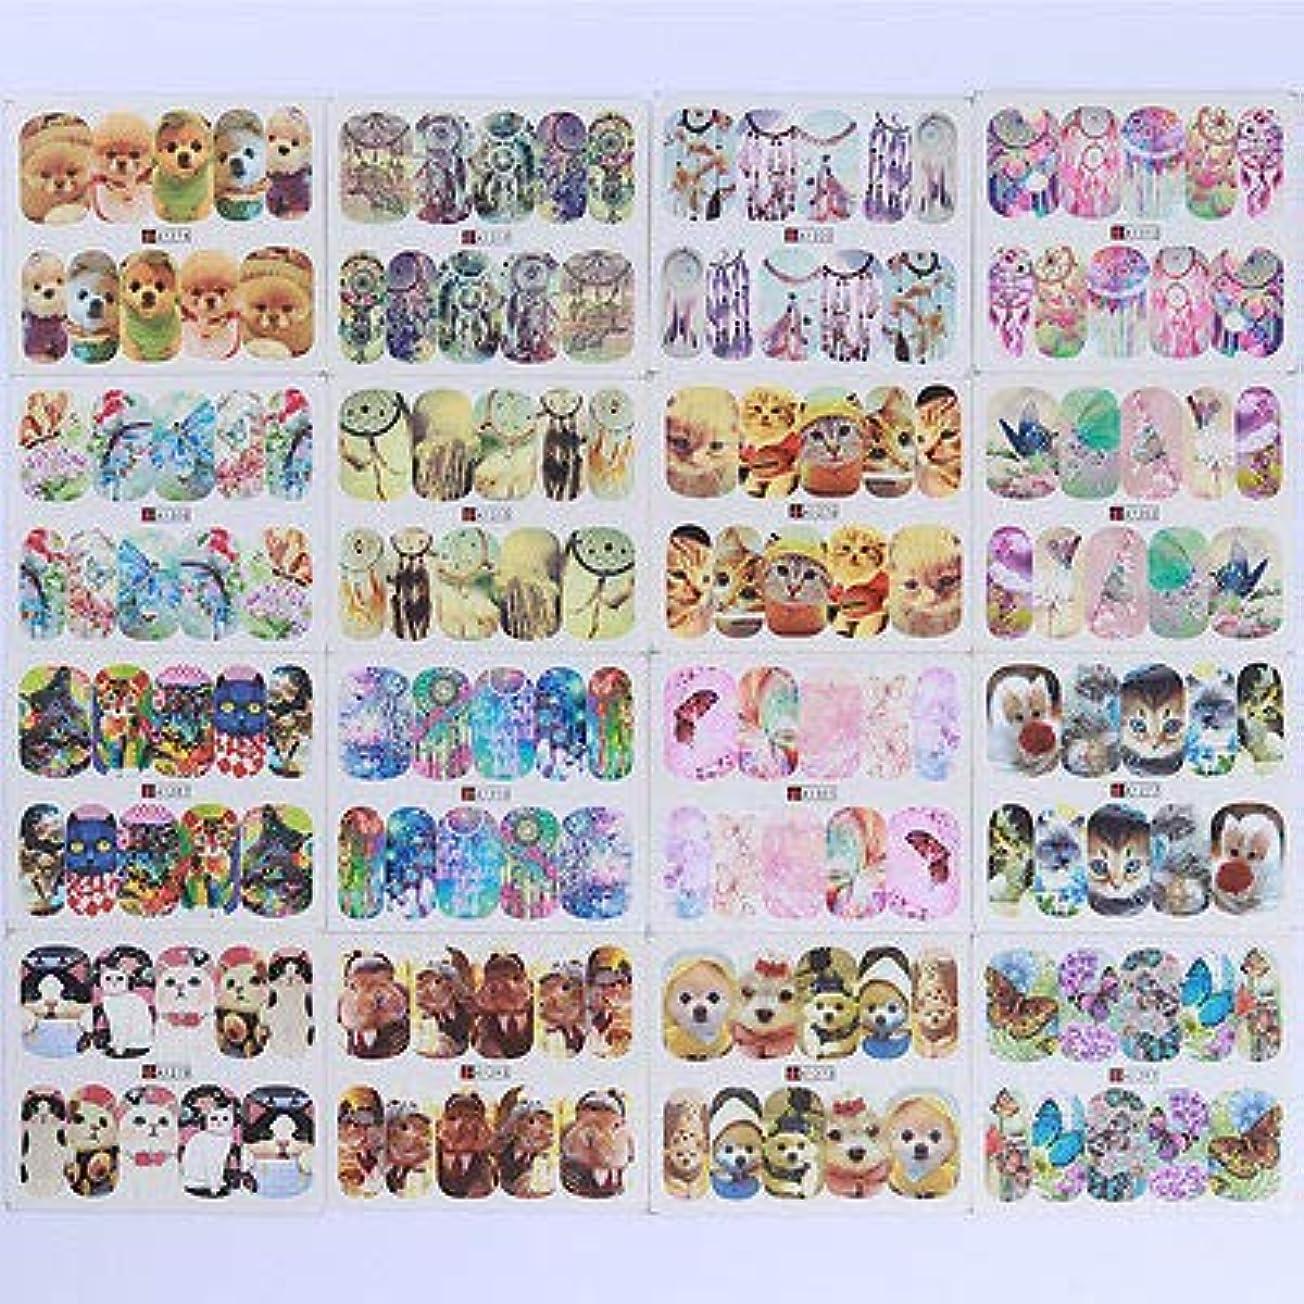 受取人モーテルオーナーFidgetGear 50枚動物水デカール蝶猫犬のテーマネイルアート転写ステッカー